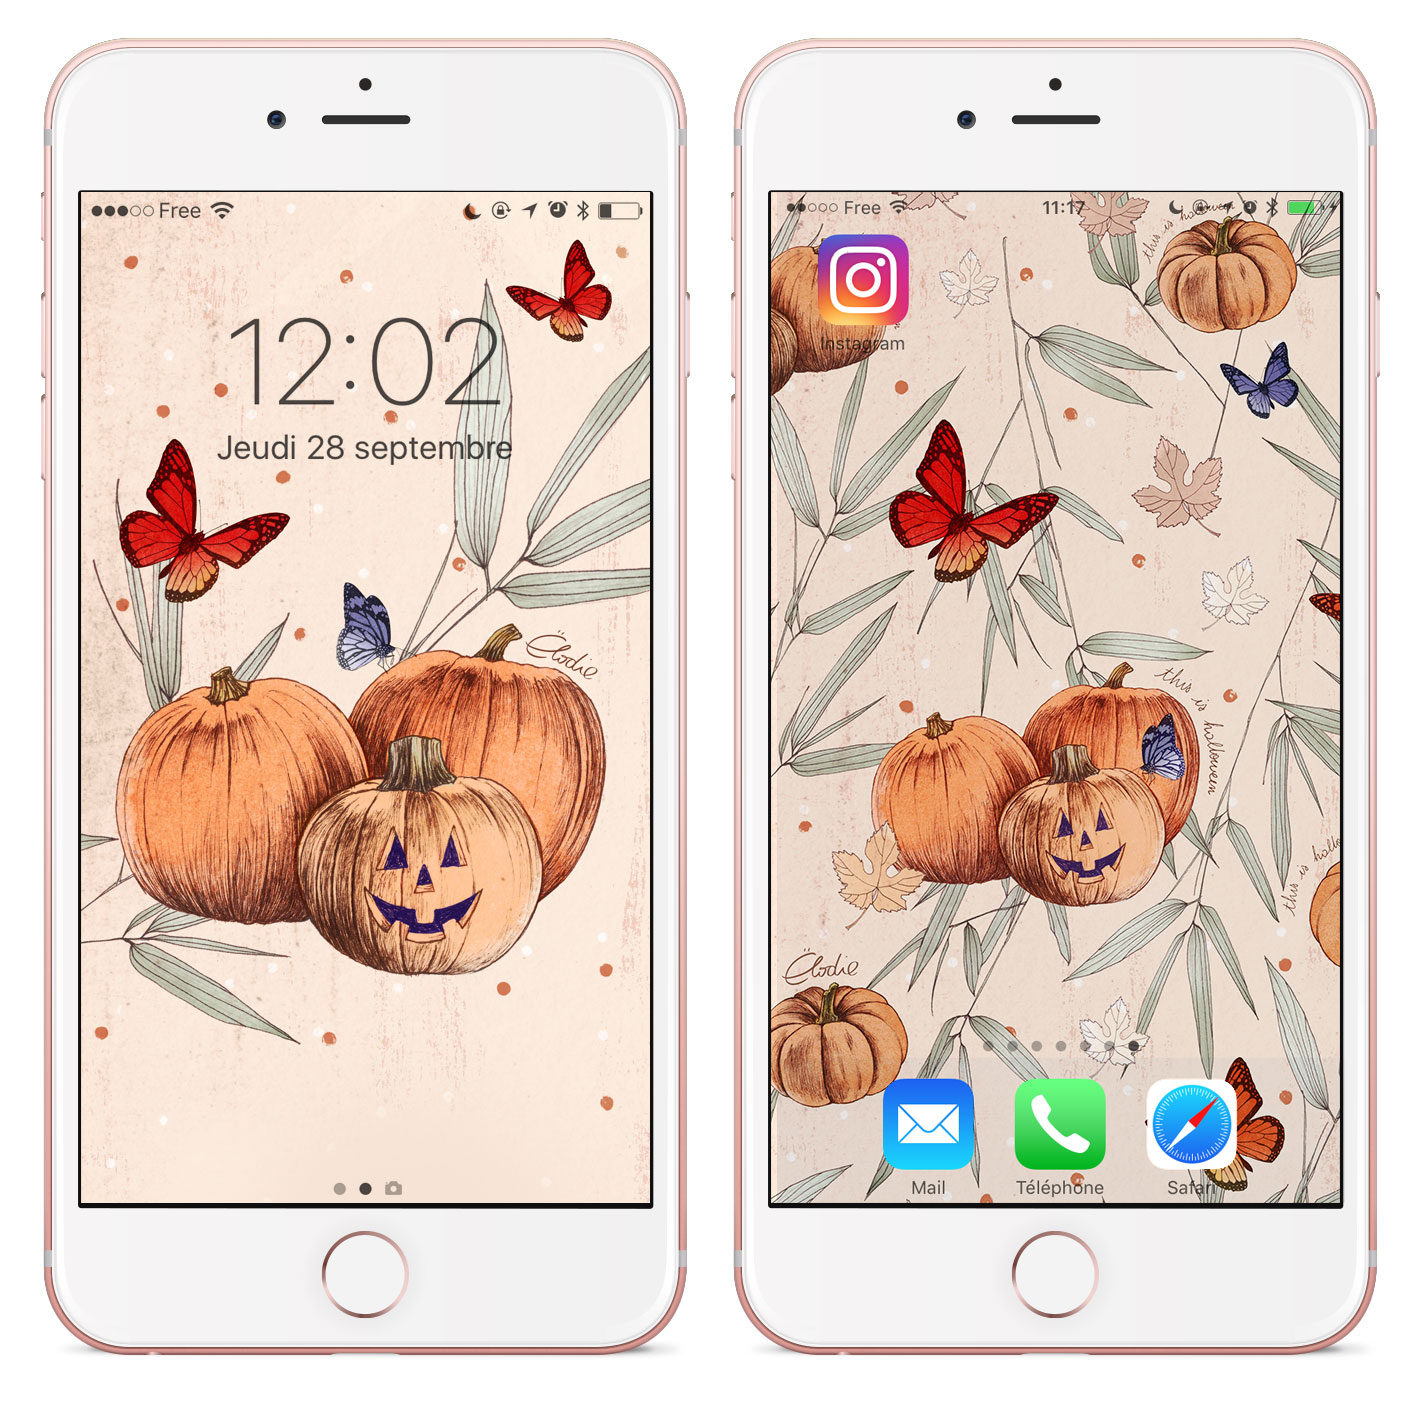 Fonds d'écran gratuits Halloween - Cliquez pour découvrir l'article